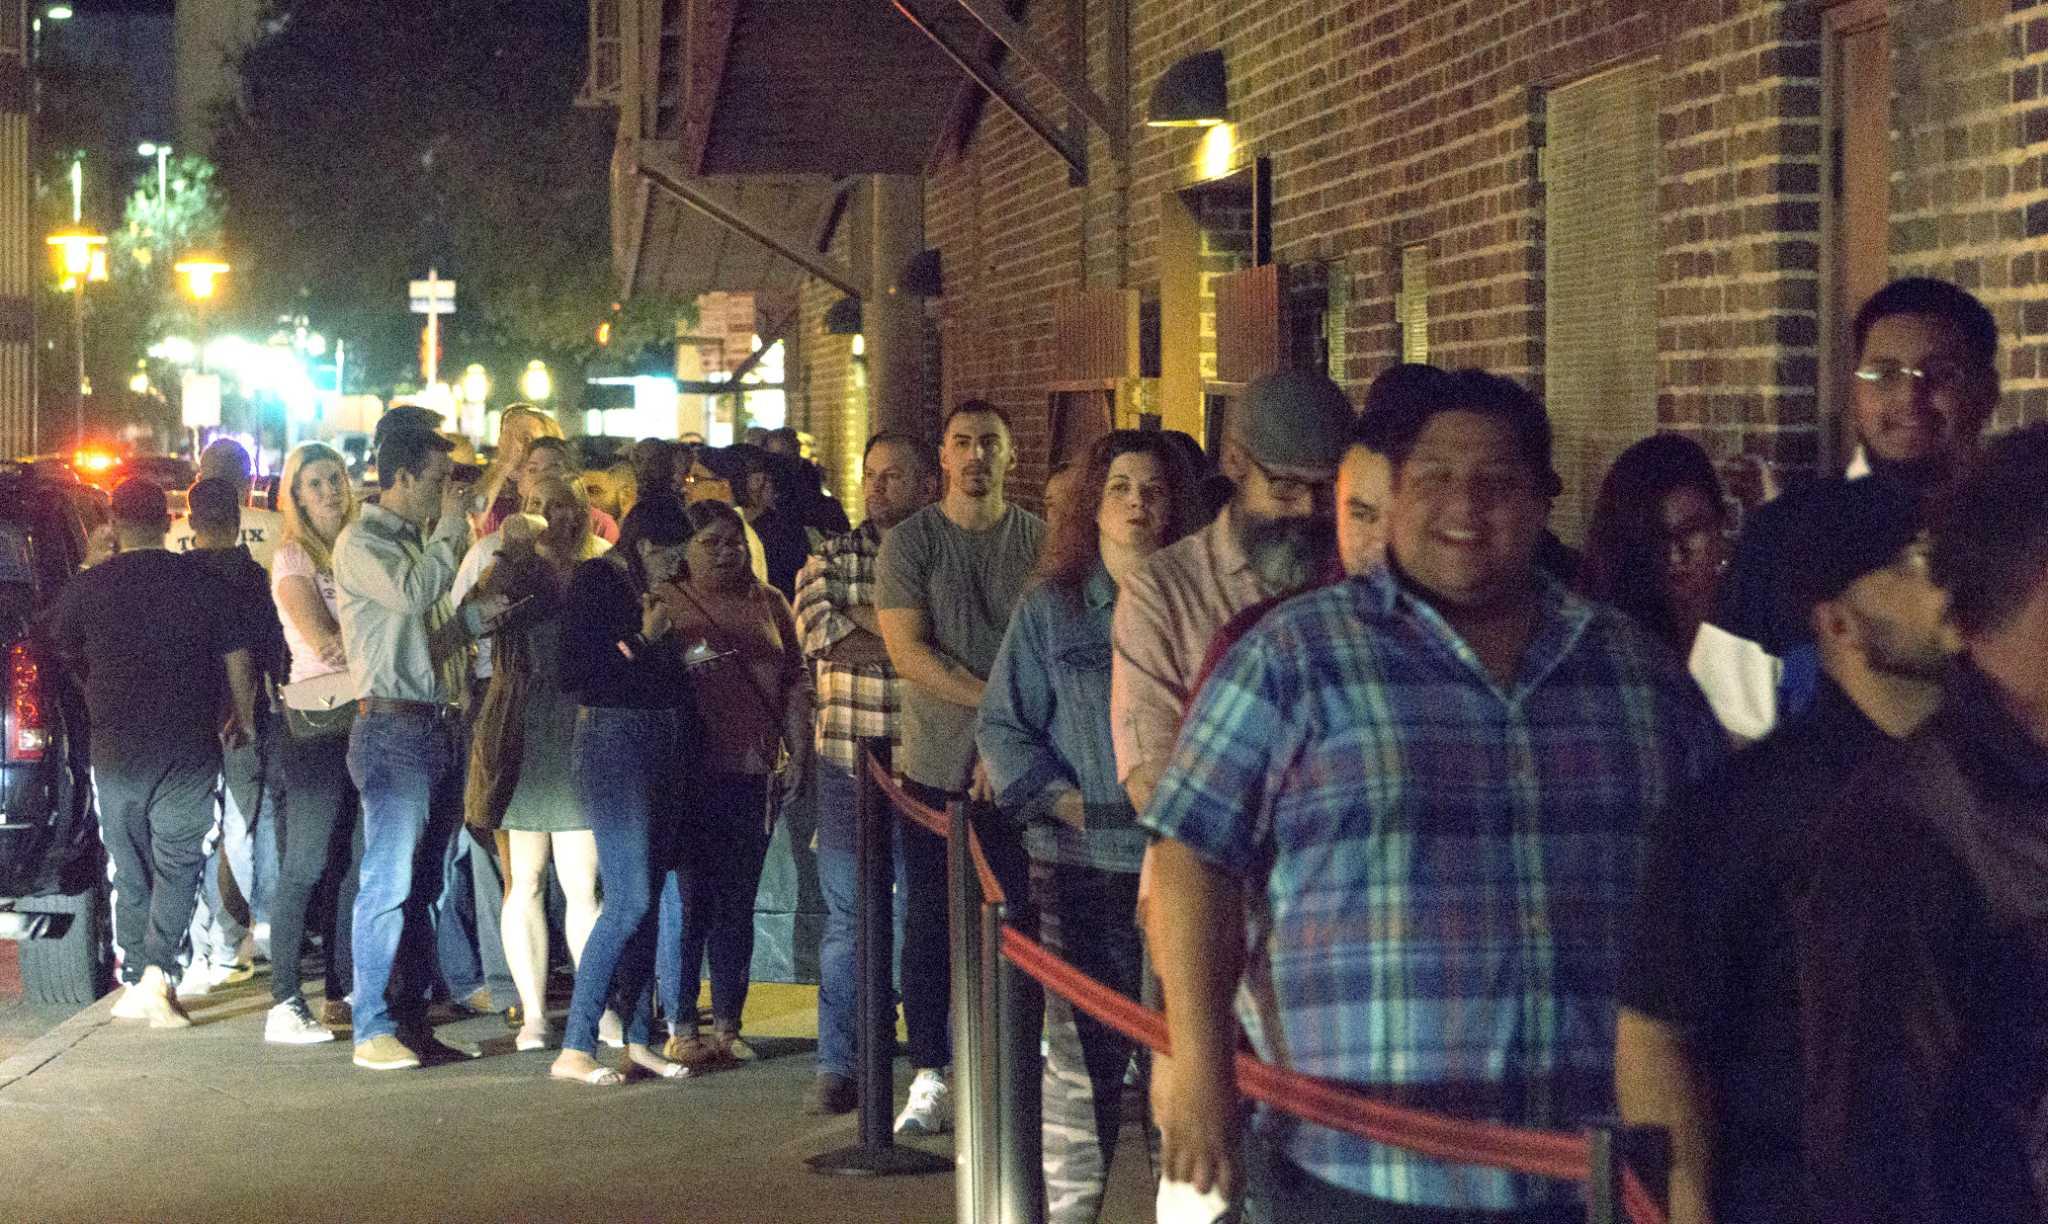 Dave Chappelle makes surprise performance at Aztec Theatre